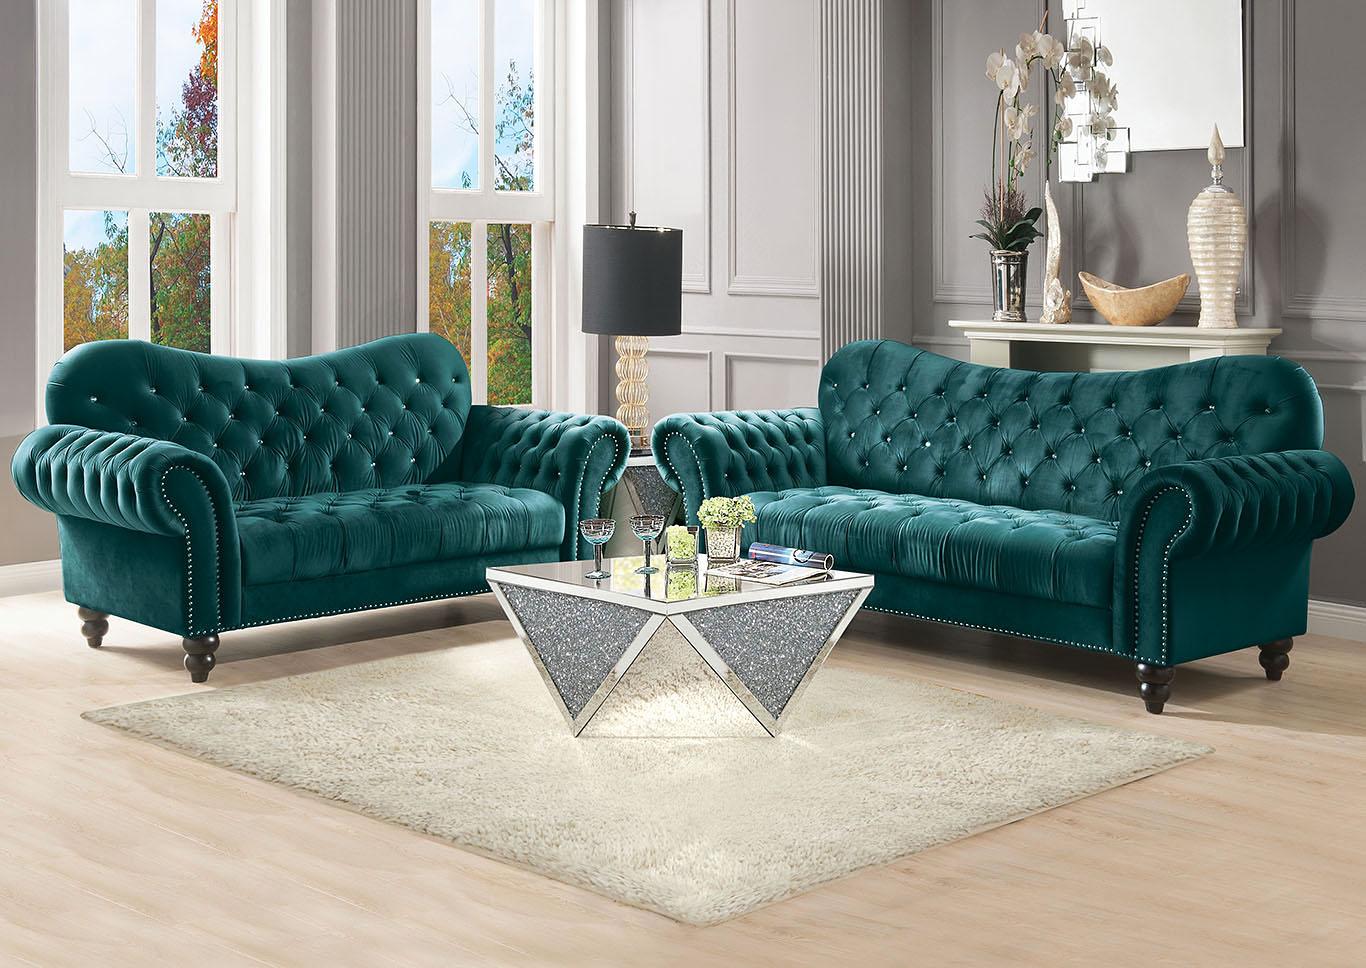 Foothills Family Furniture Iberis Green Velvet Sofa and Loveseat